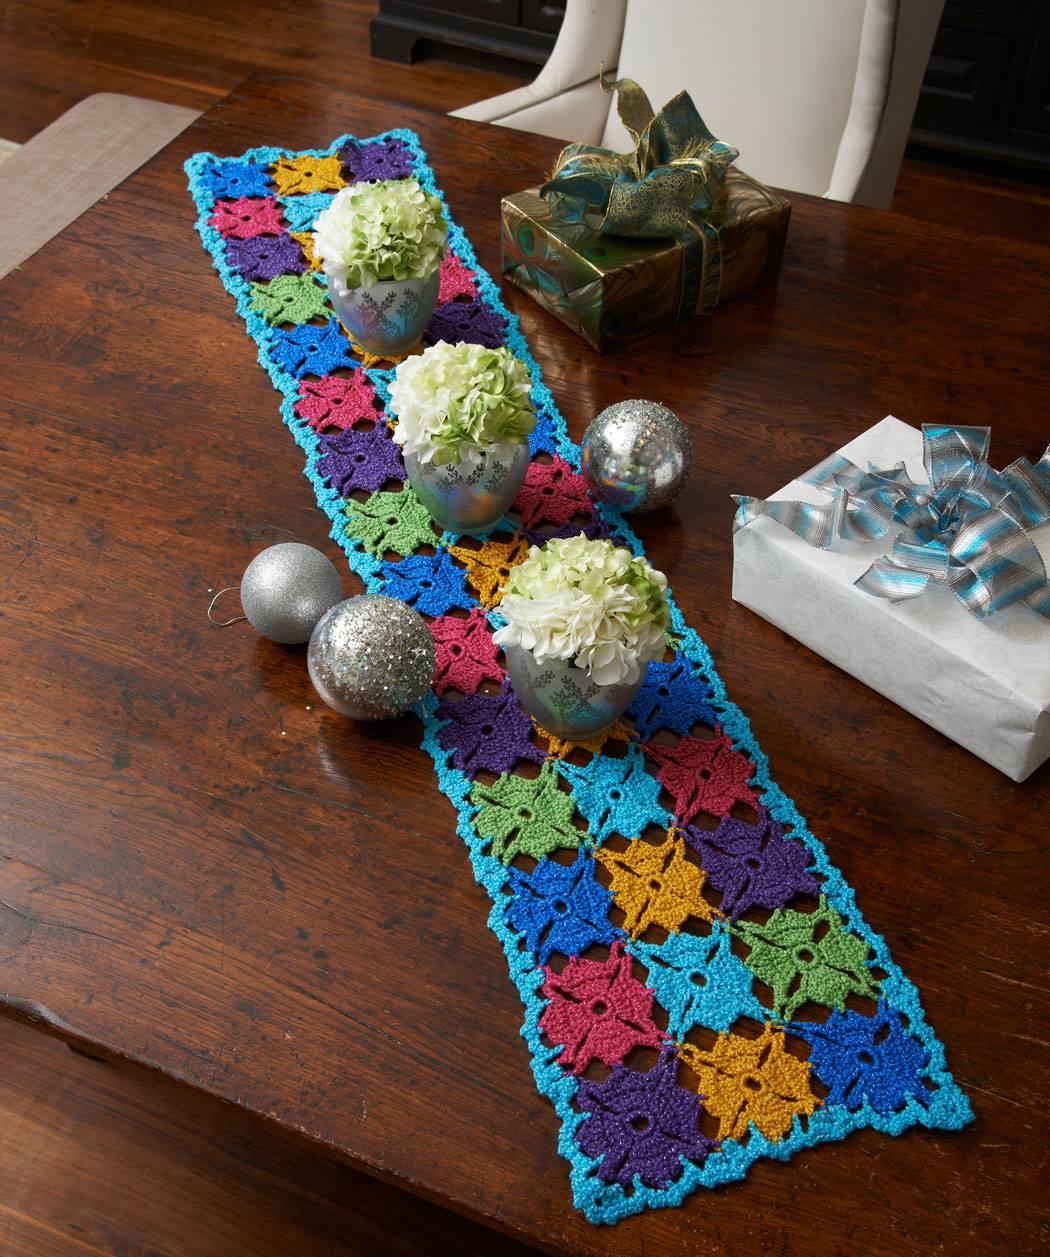 Long blue crochet table runner